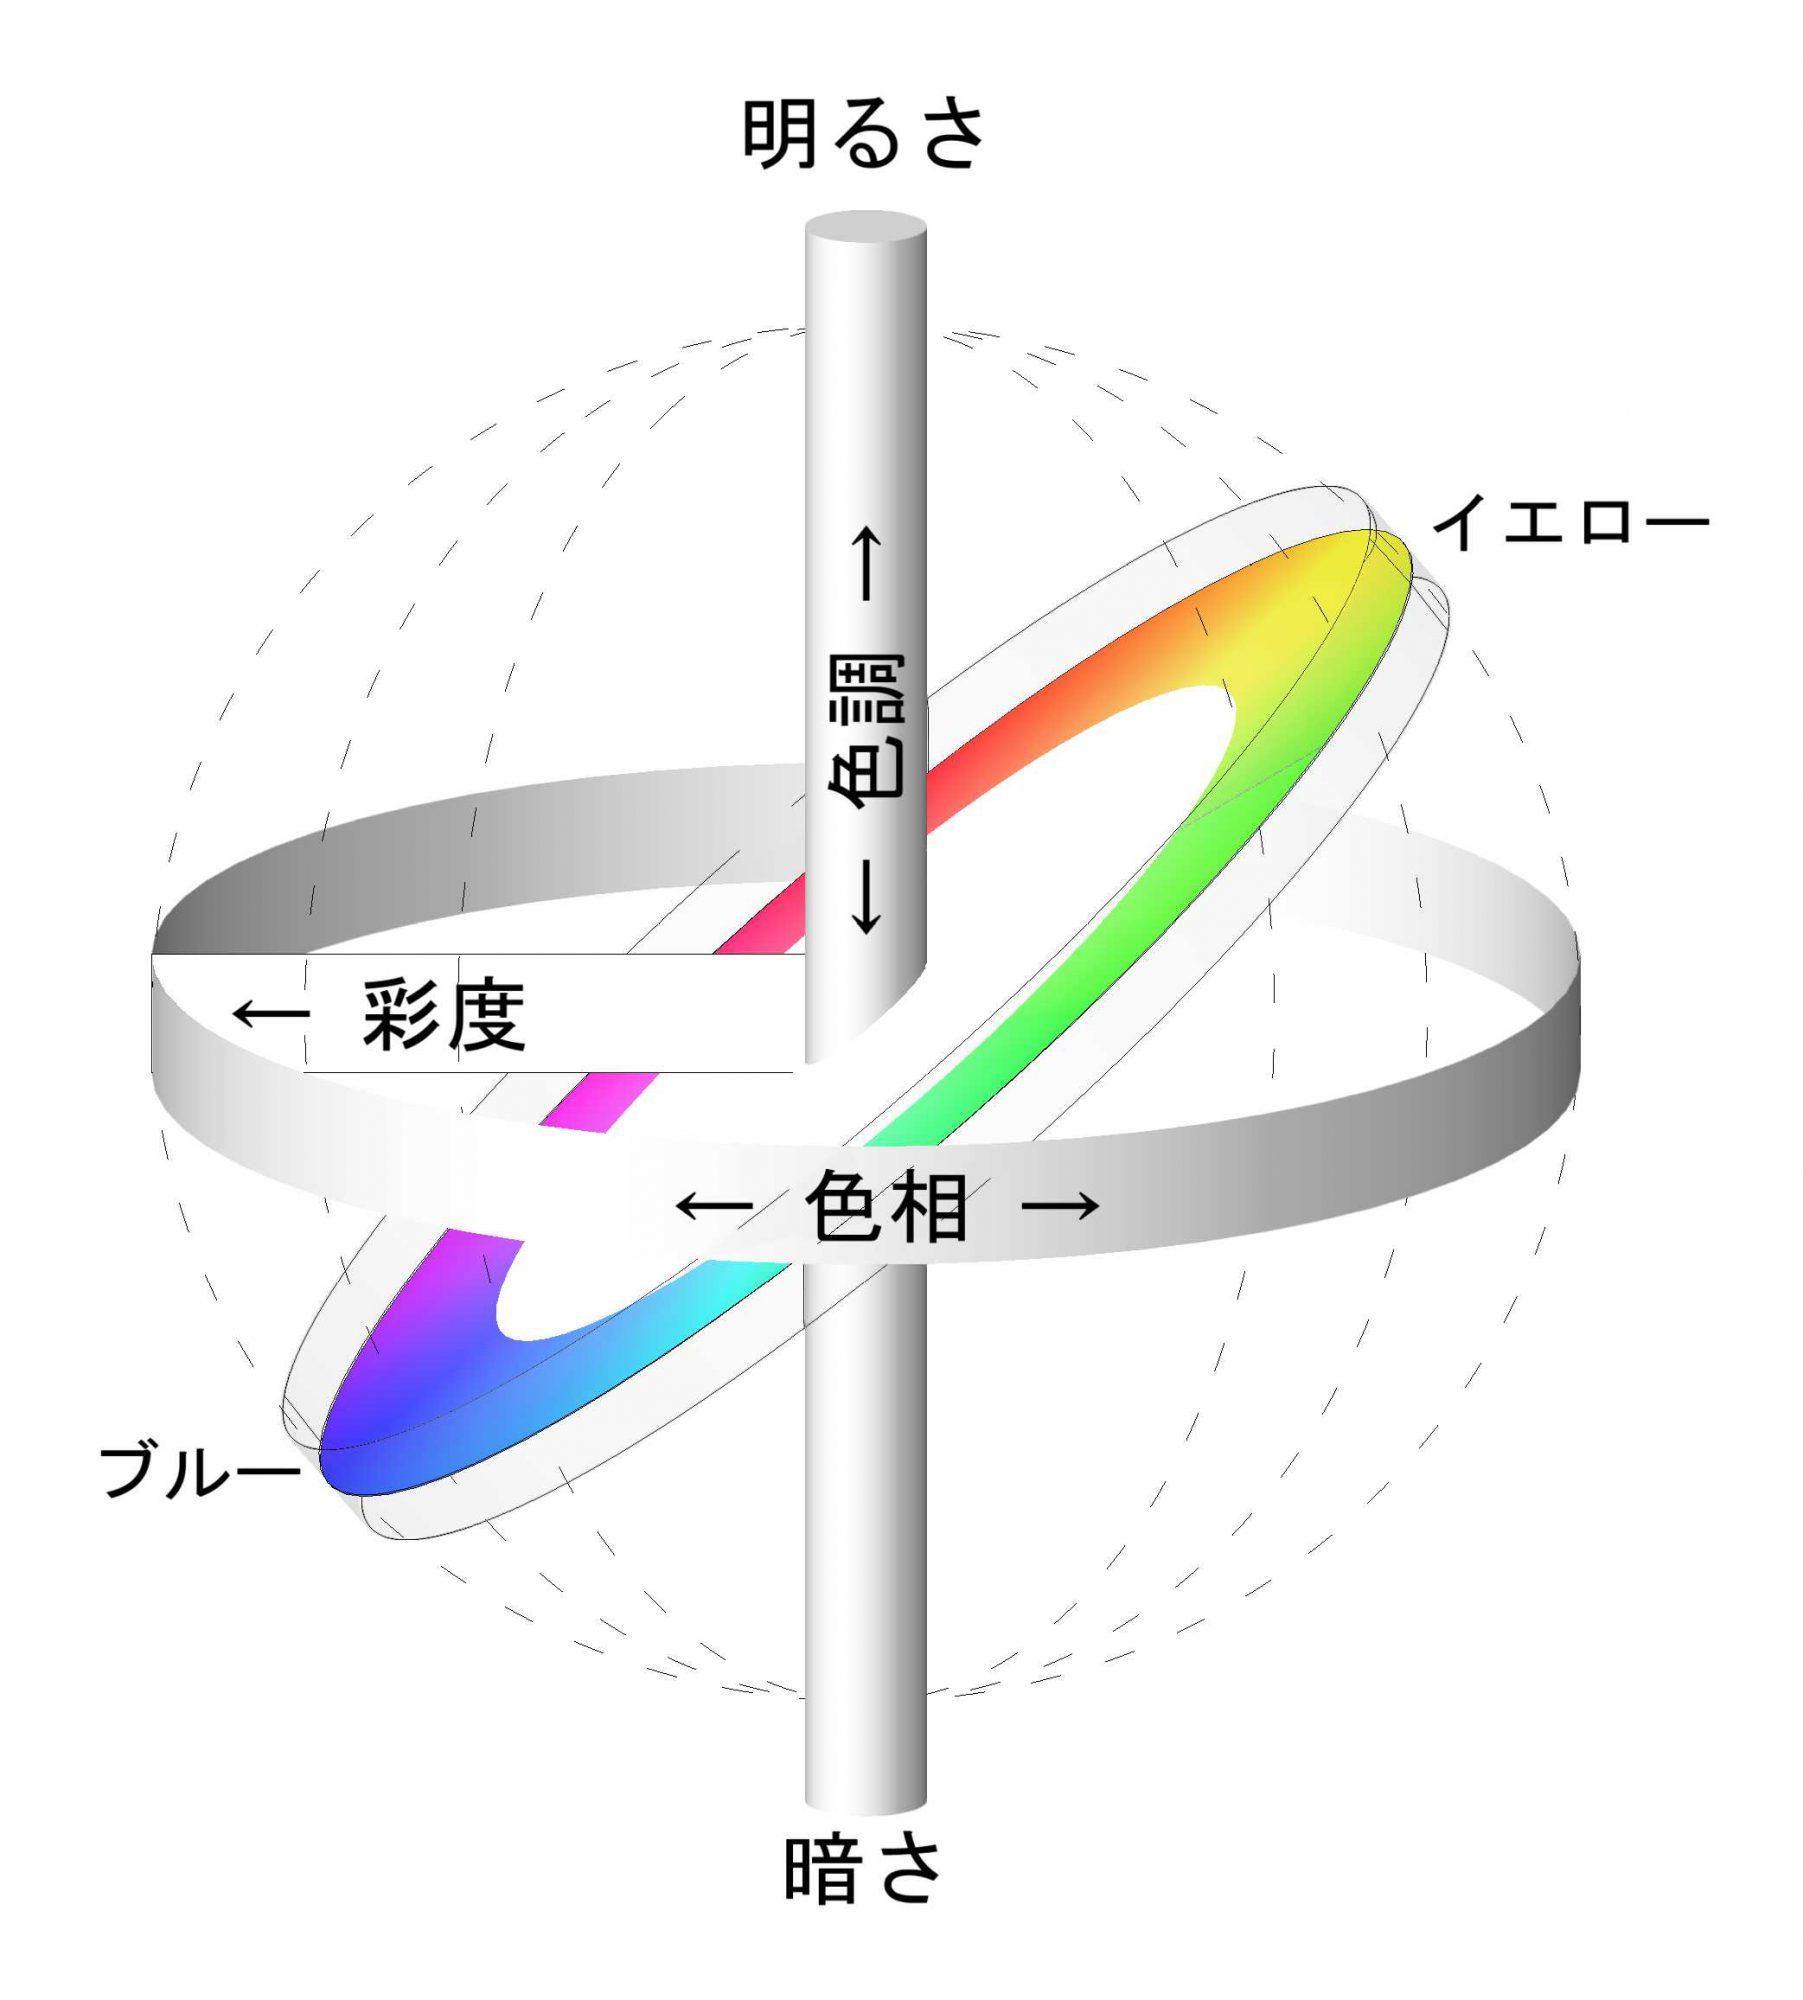 高いレベルでの彩度連続した色相、色調、彩度の3軸